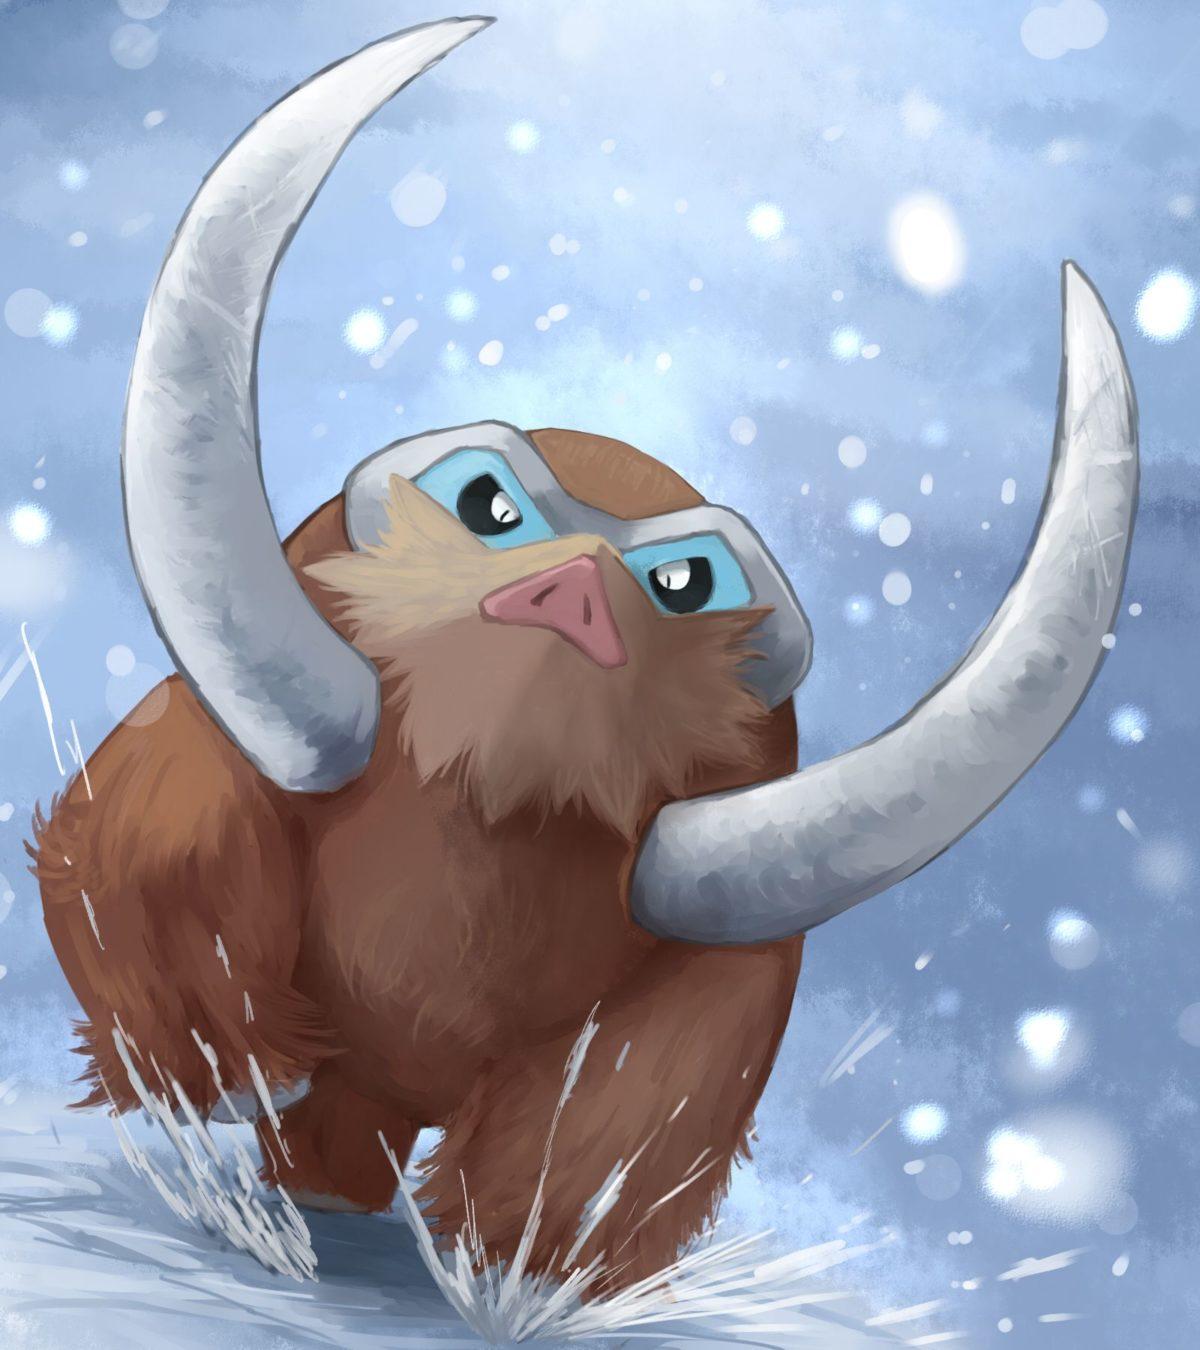 Mamoswine – Pokémon – Zerochan Anime Image Board